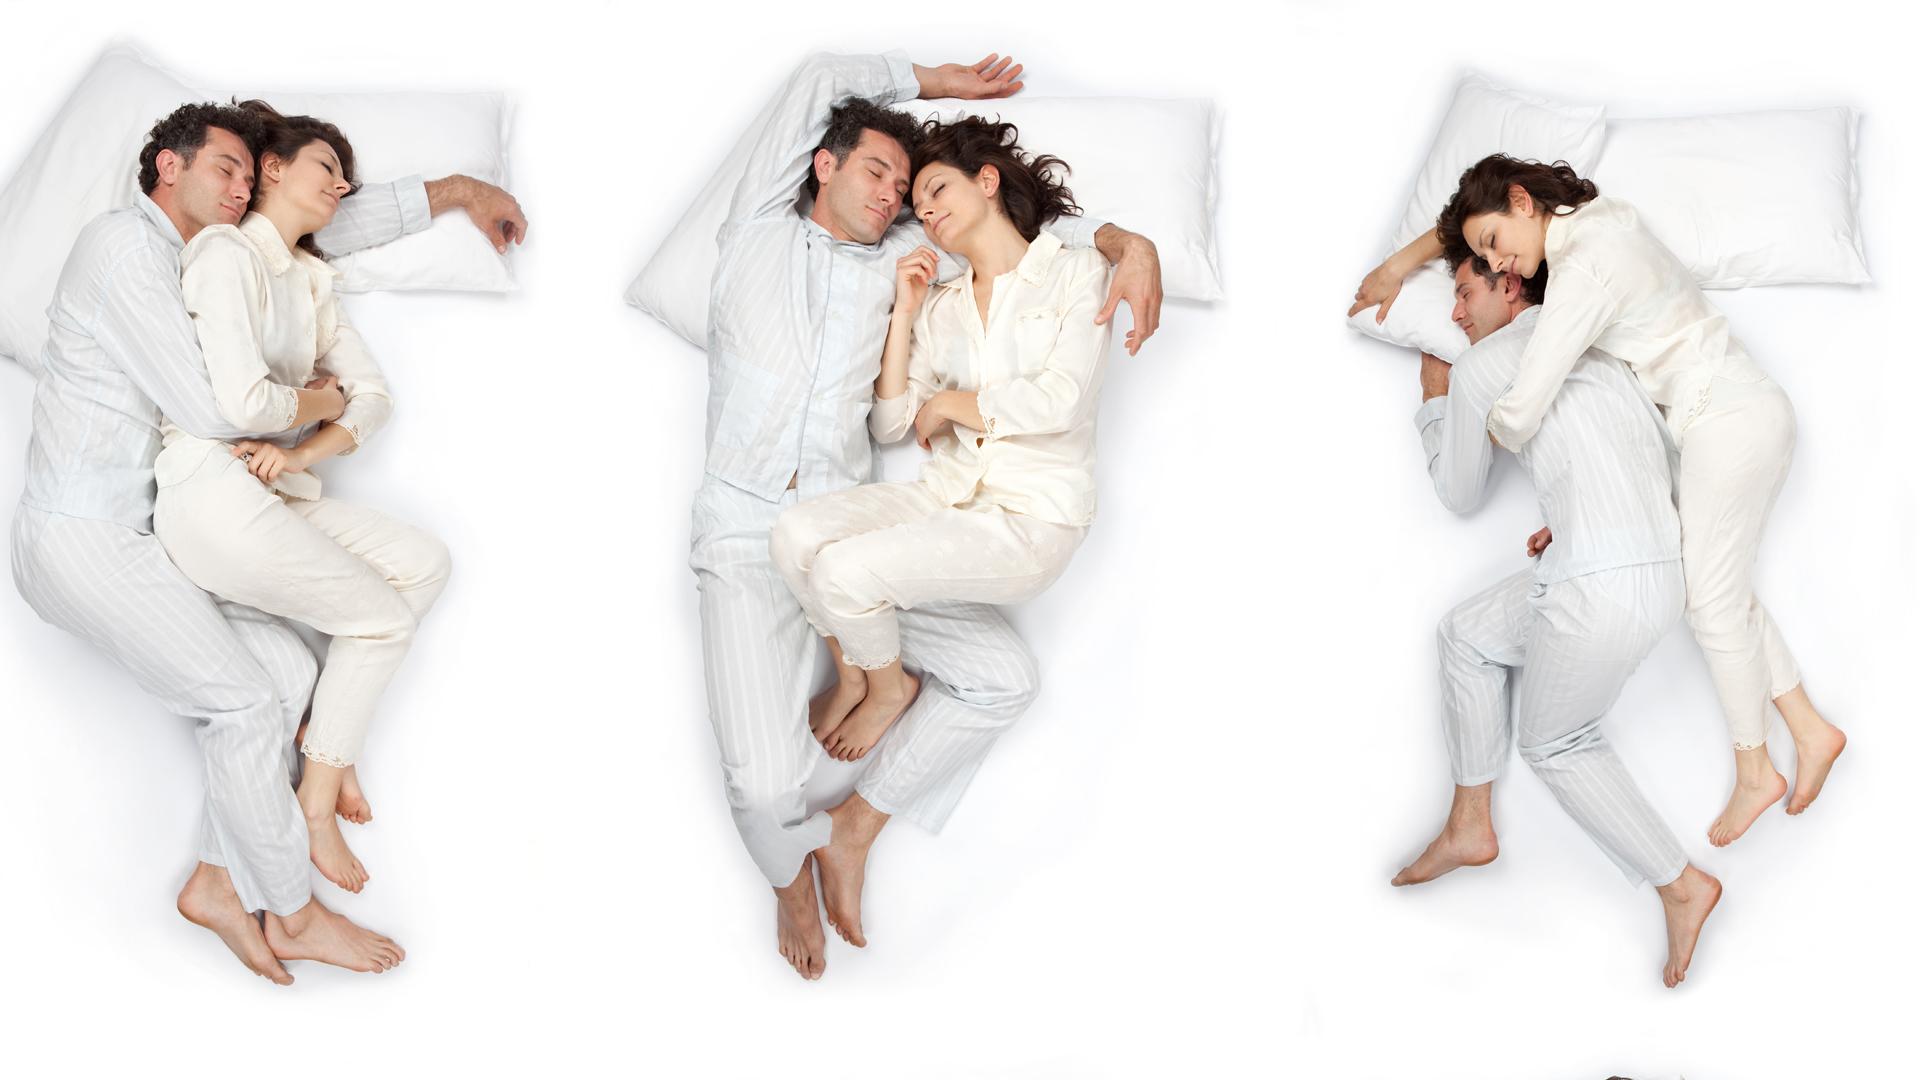 La posición en la que duerme una pareja revela mucho de la relación (iStock)